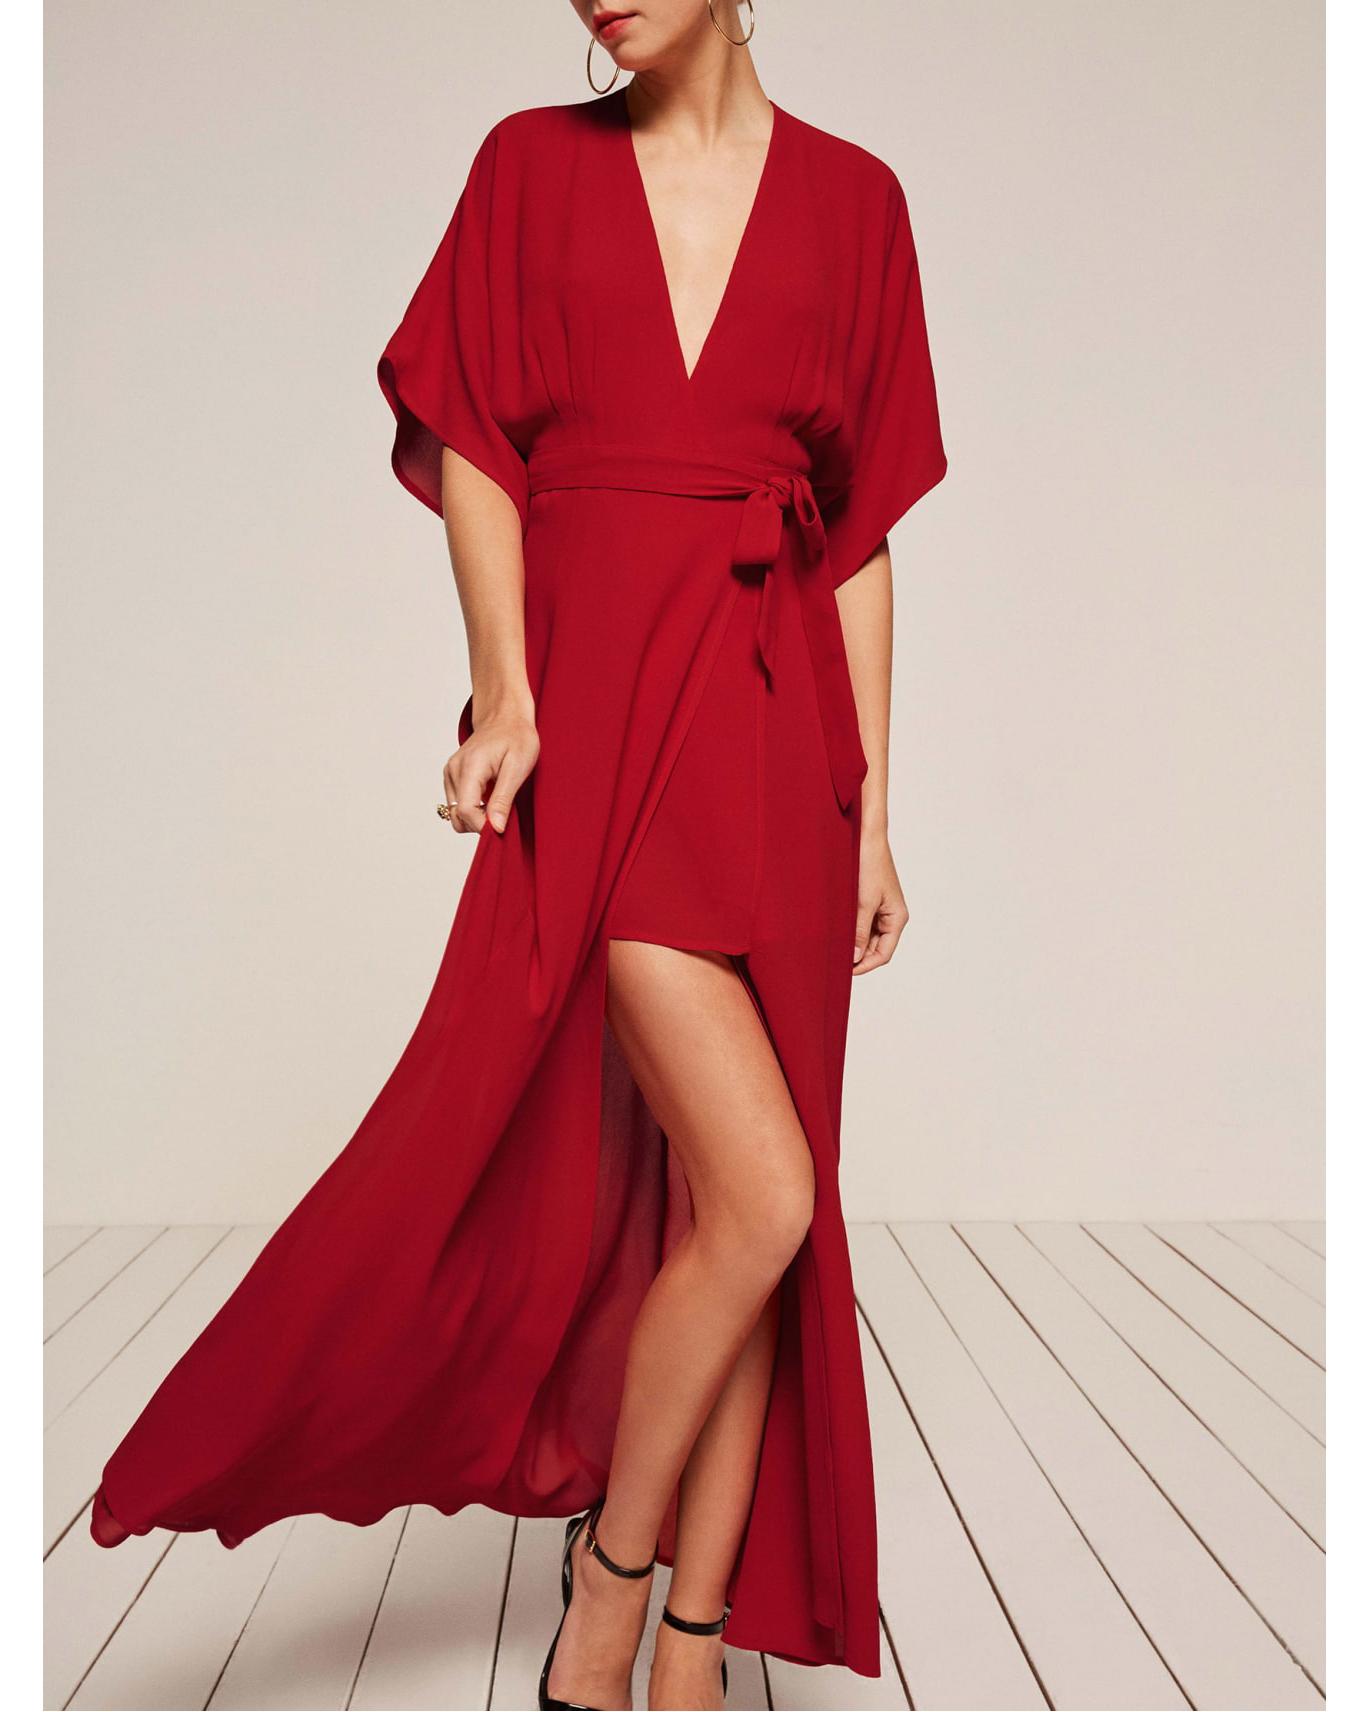 high low red v neck dress